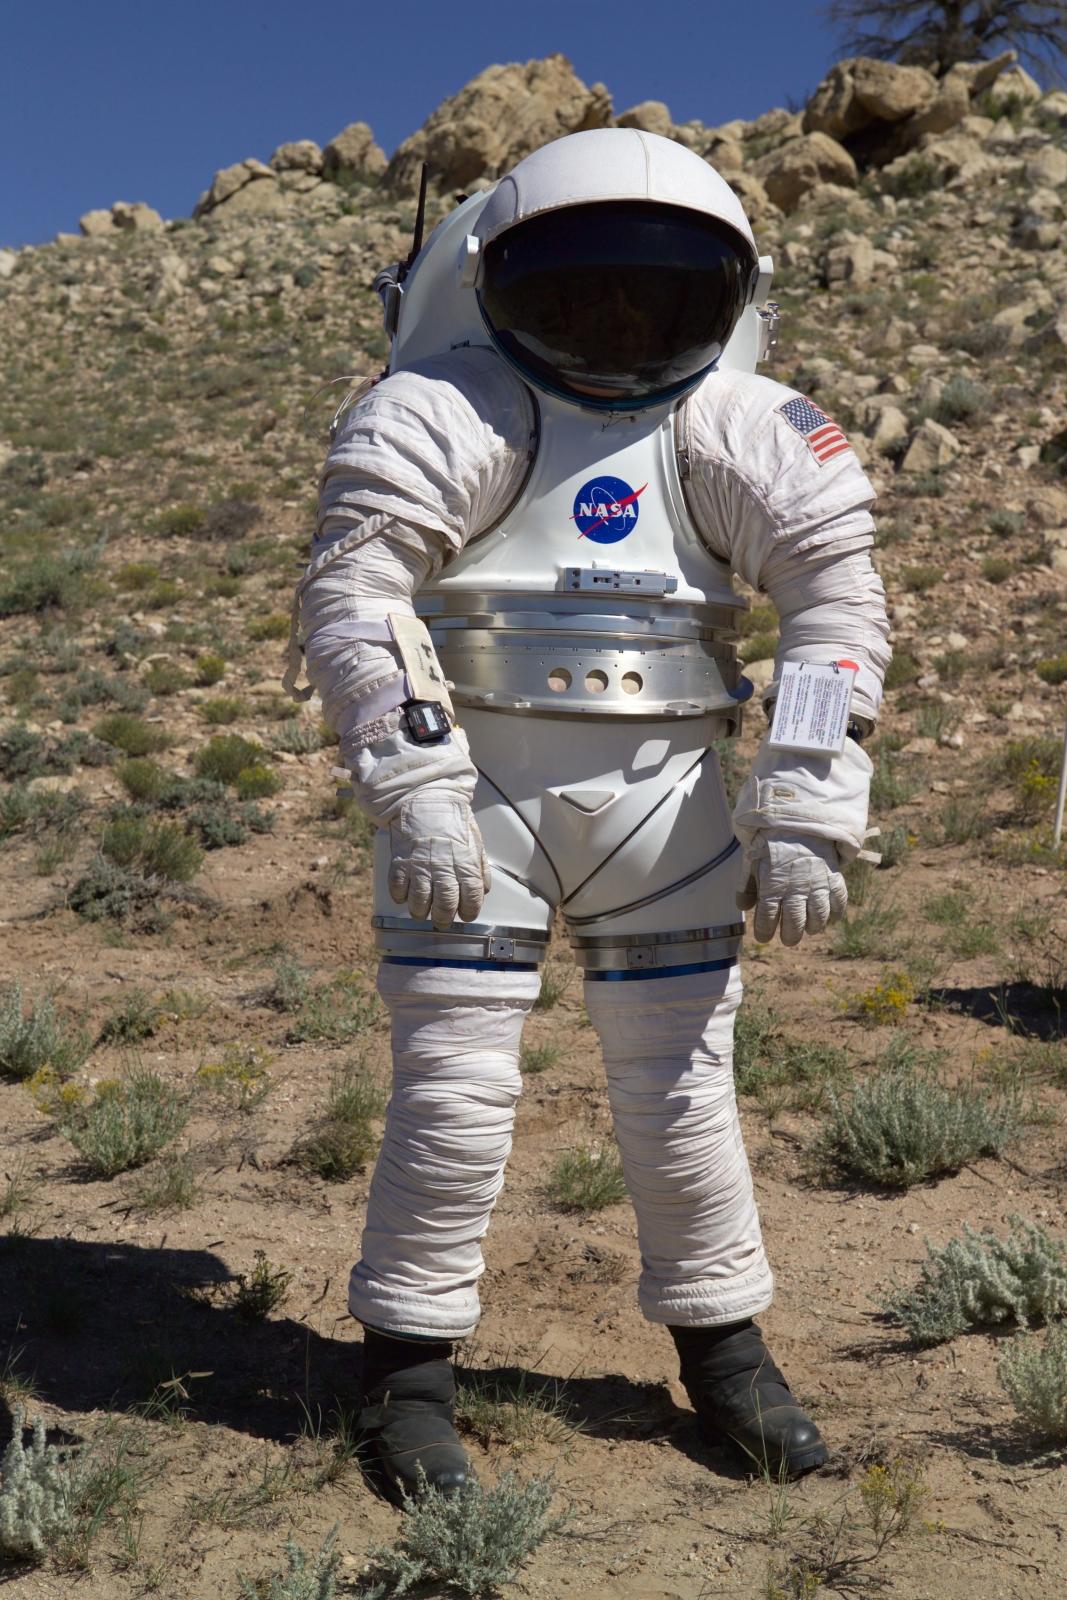 mars space suit 2017 - photo #18